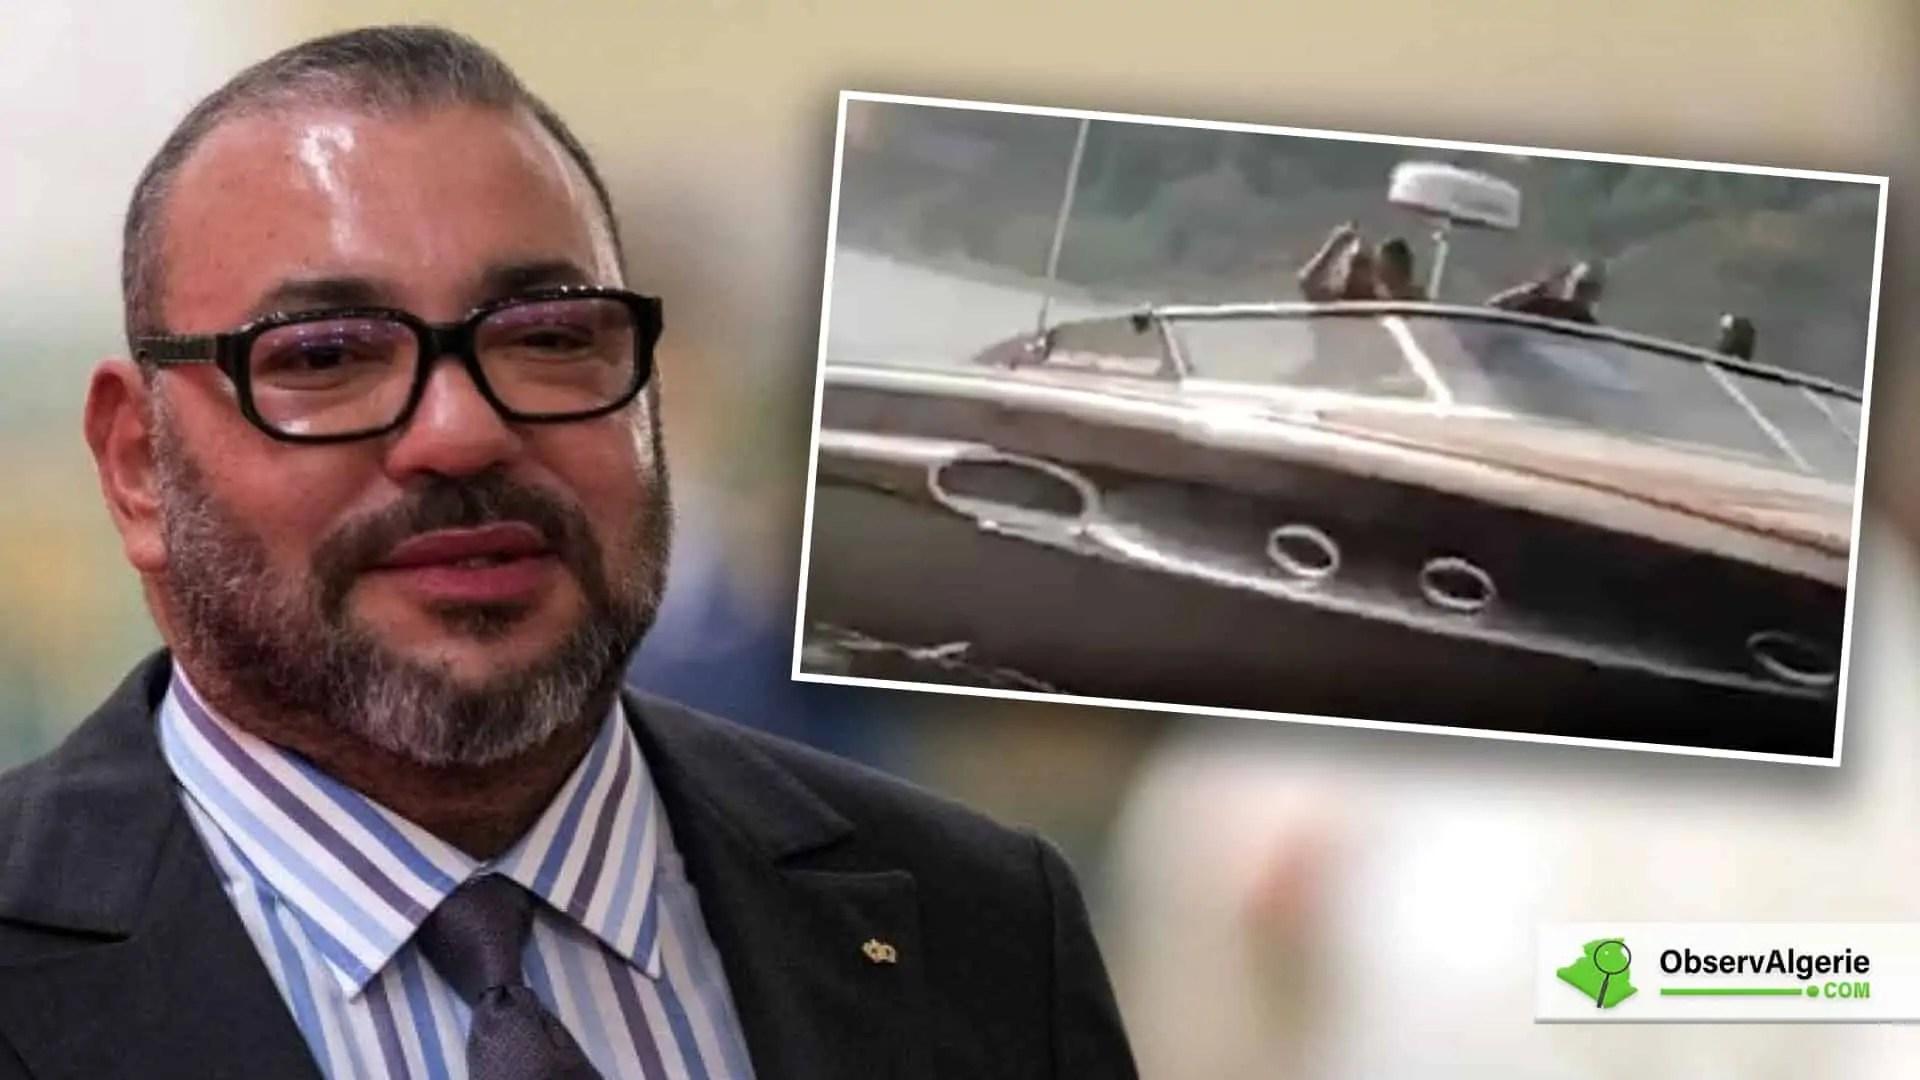 Maroc : Une vidéo du roi Mohammed VI déclenche la polémique en Espagne